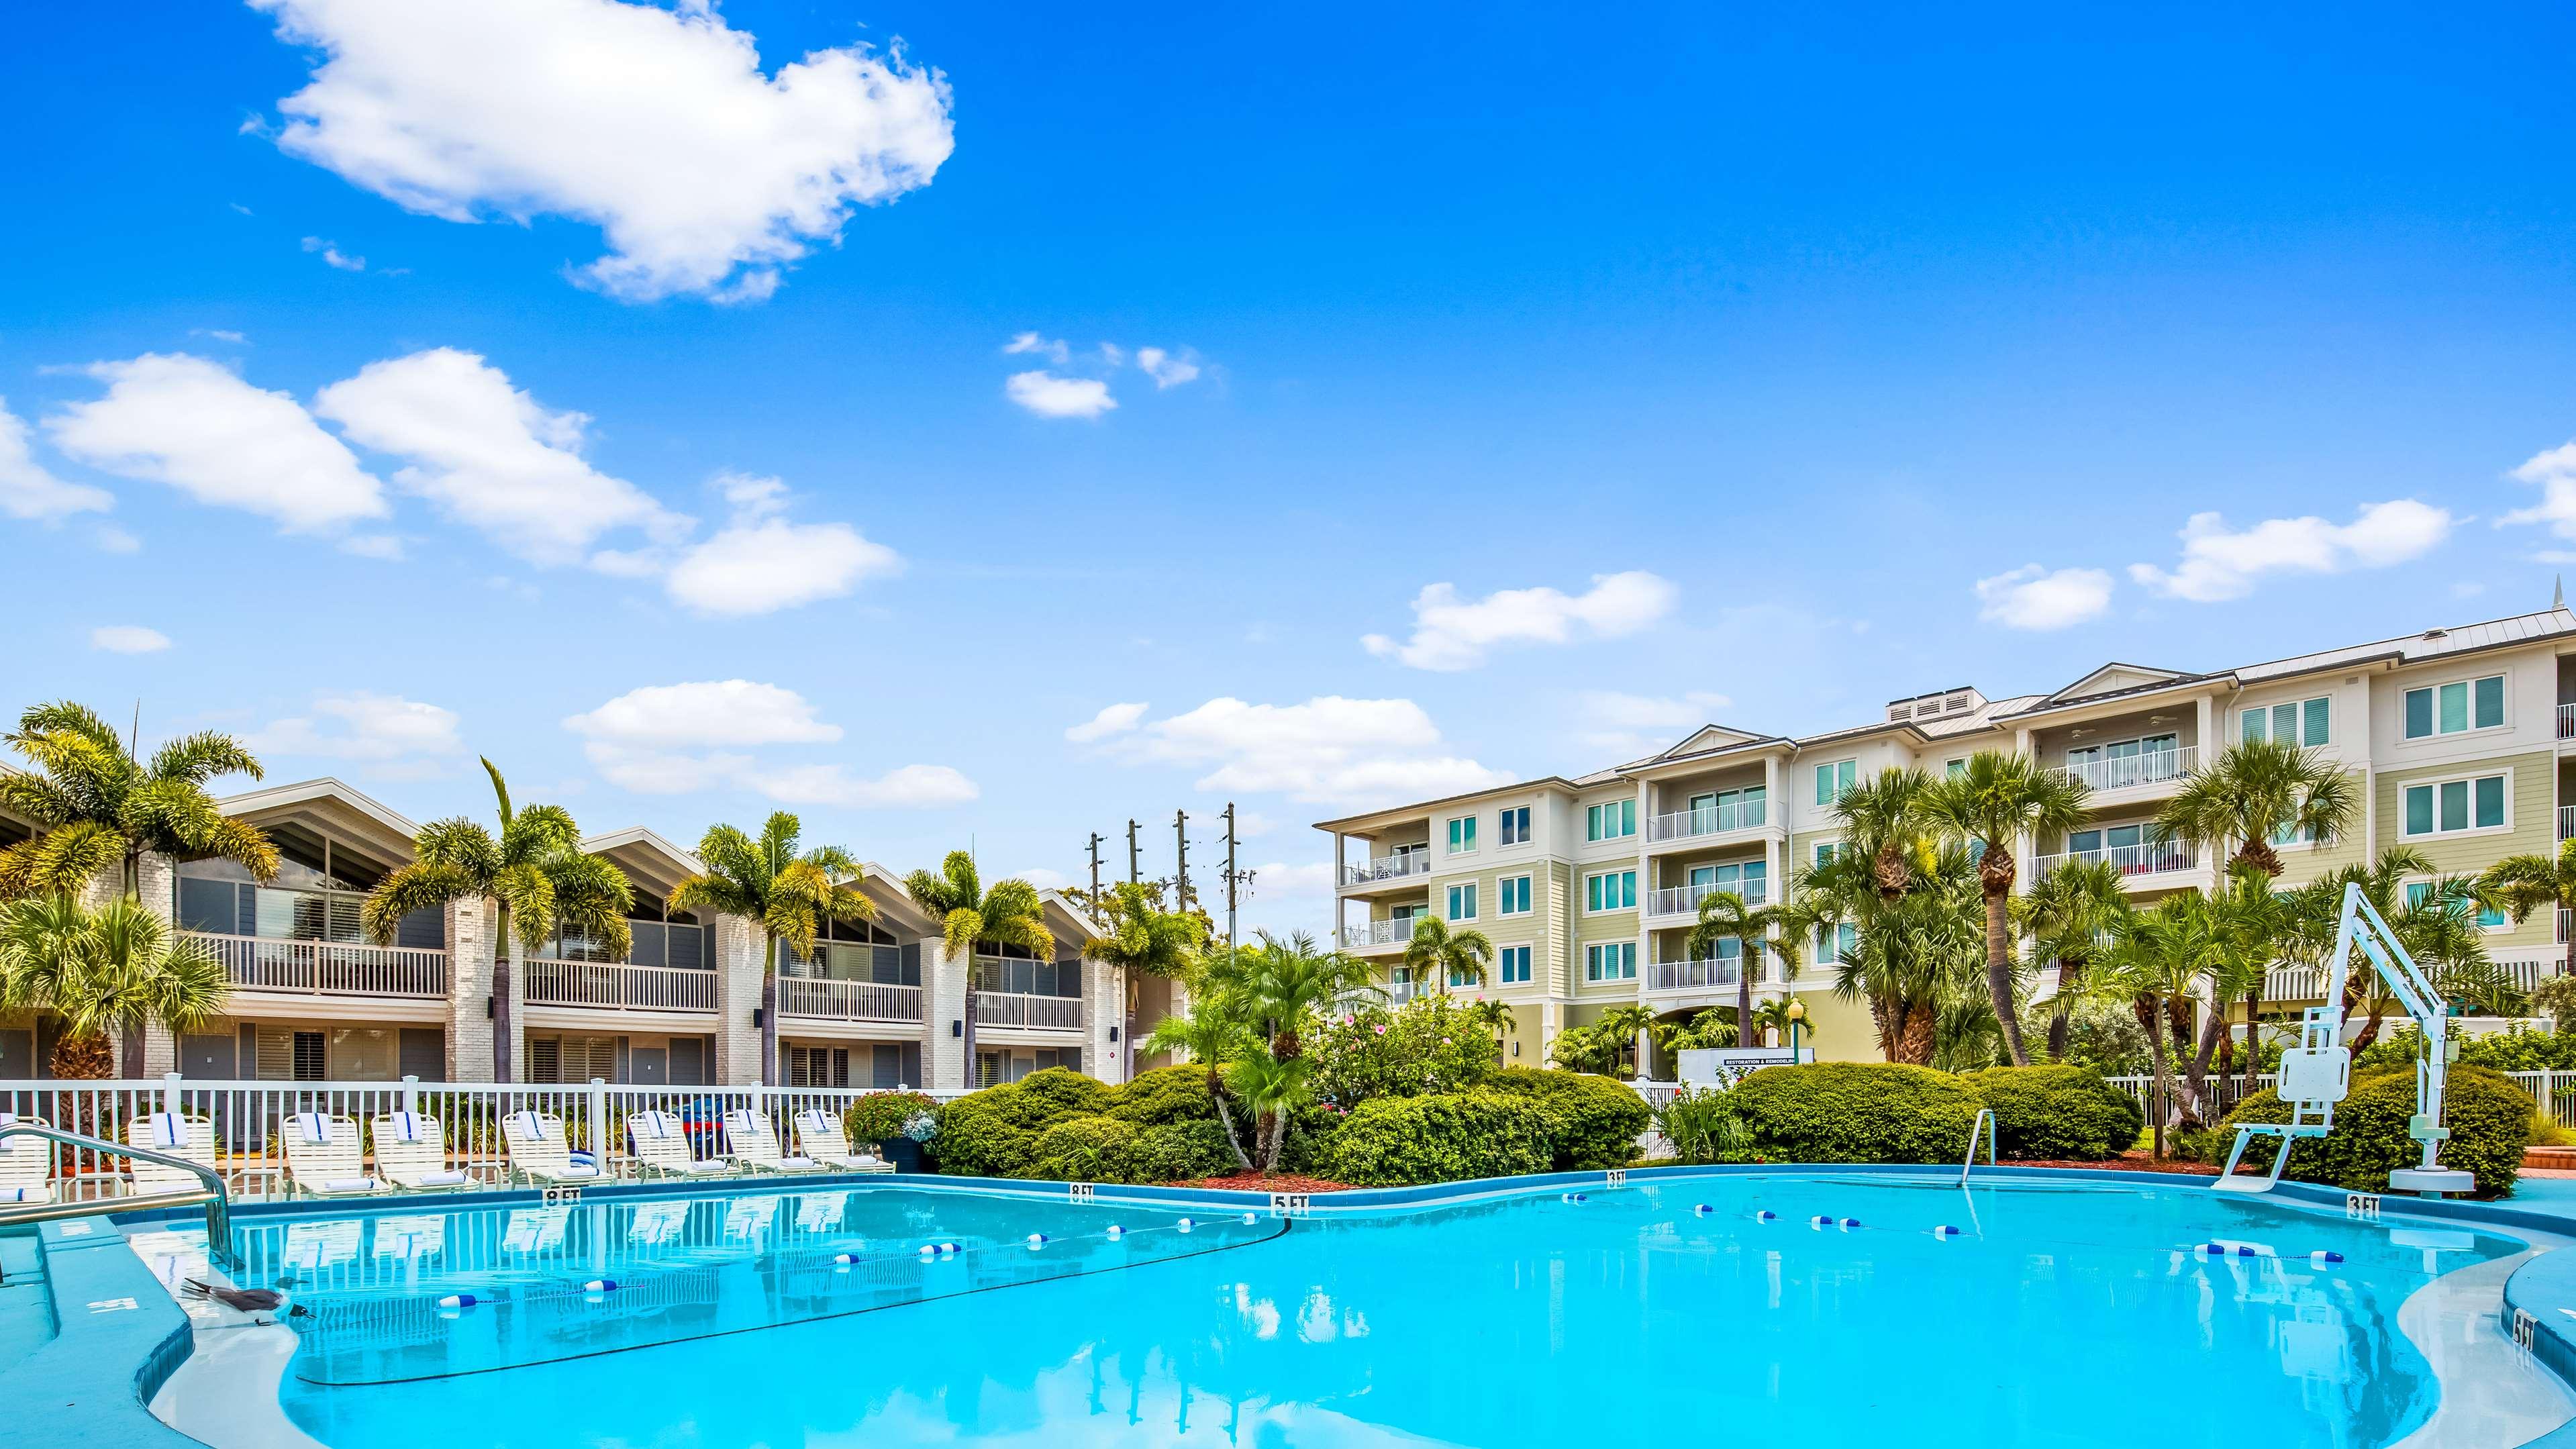 Best Western Plus Yacht Harbor Inn  Dunedin Florida  Fl